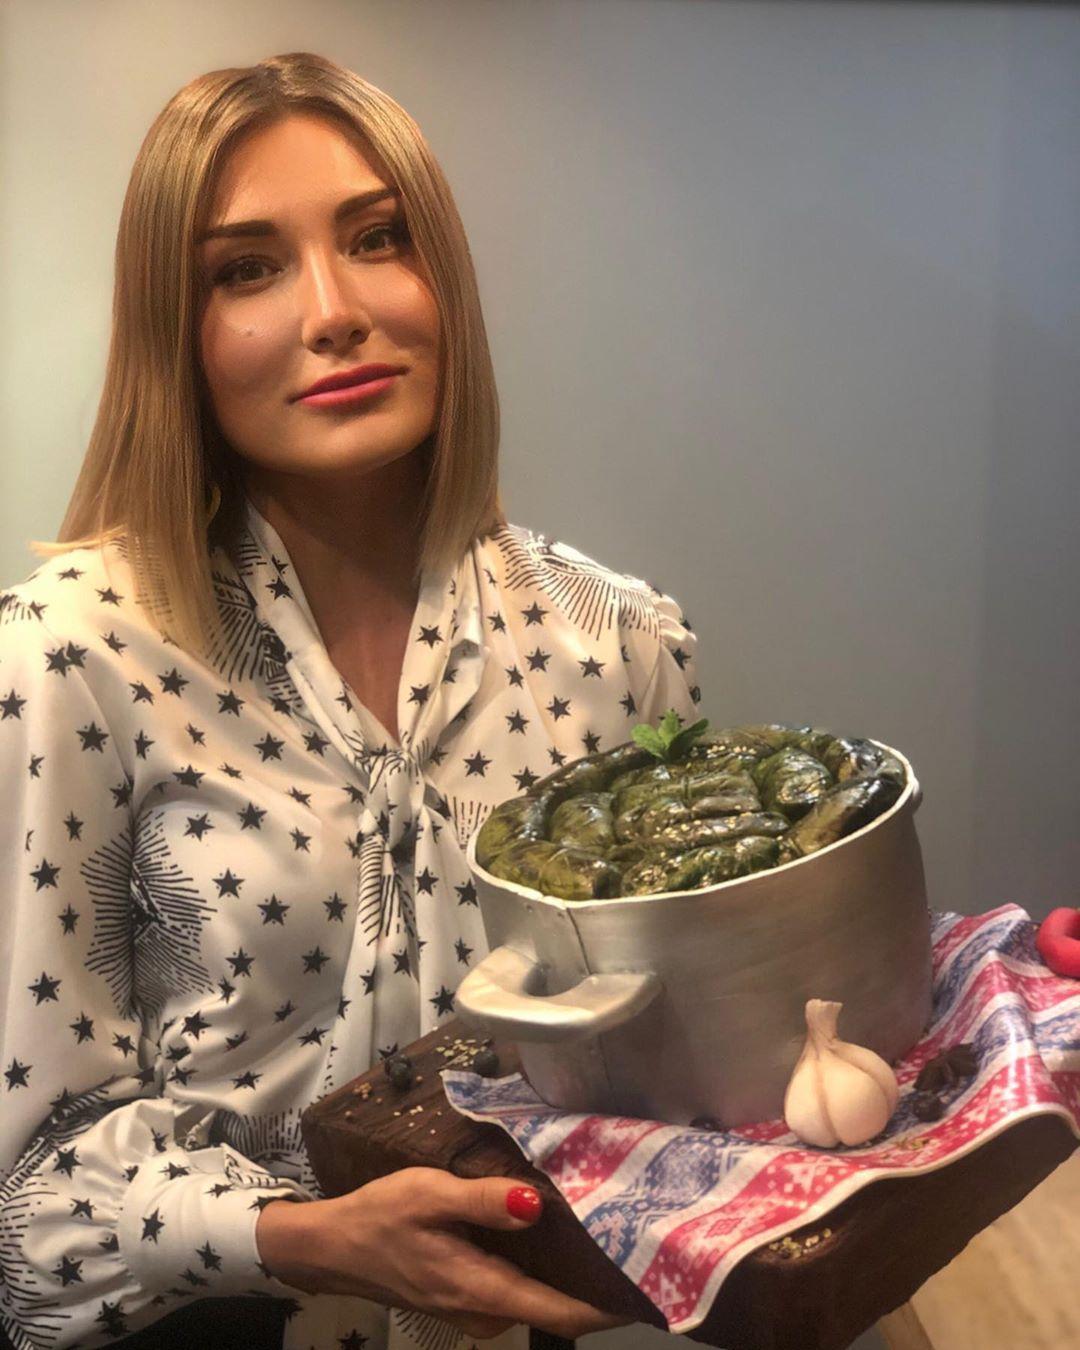 Кастрюля долмы: Жанна Мартиросян удивила мужа необычным тортом на день рождения